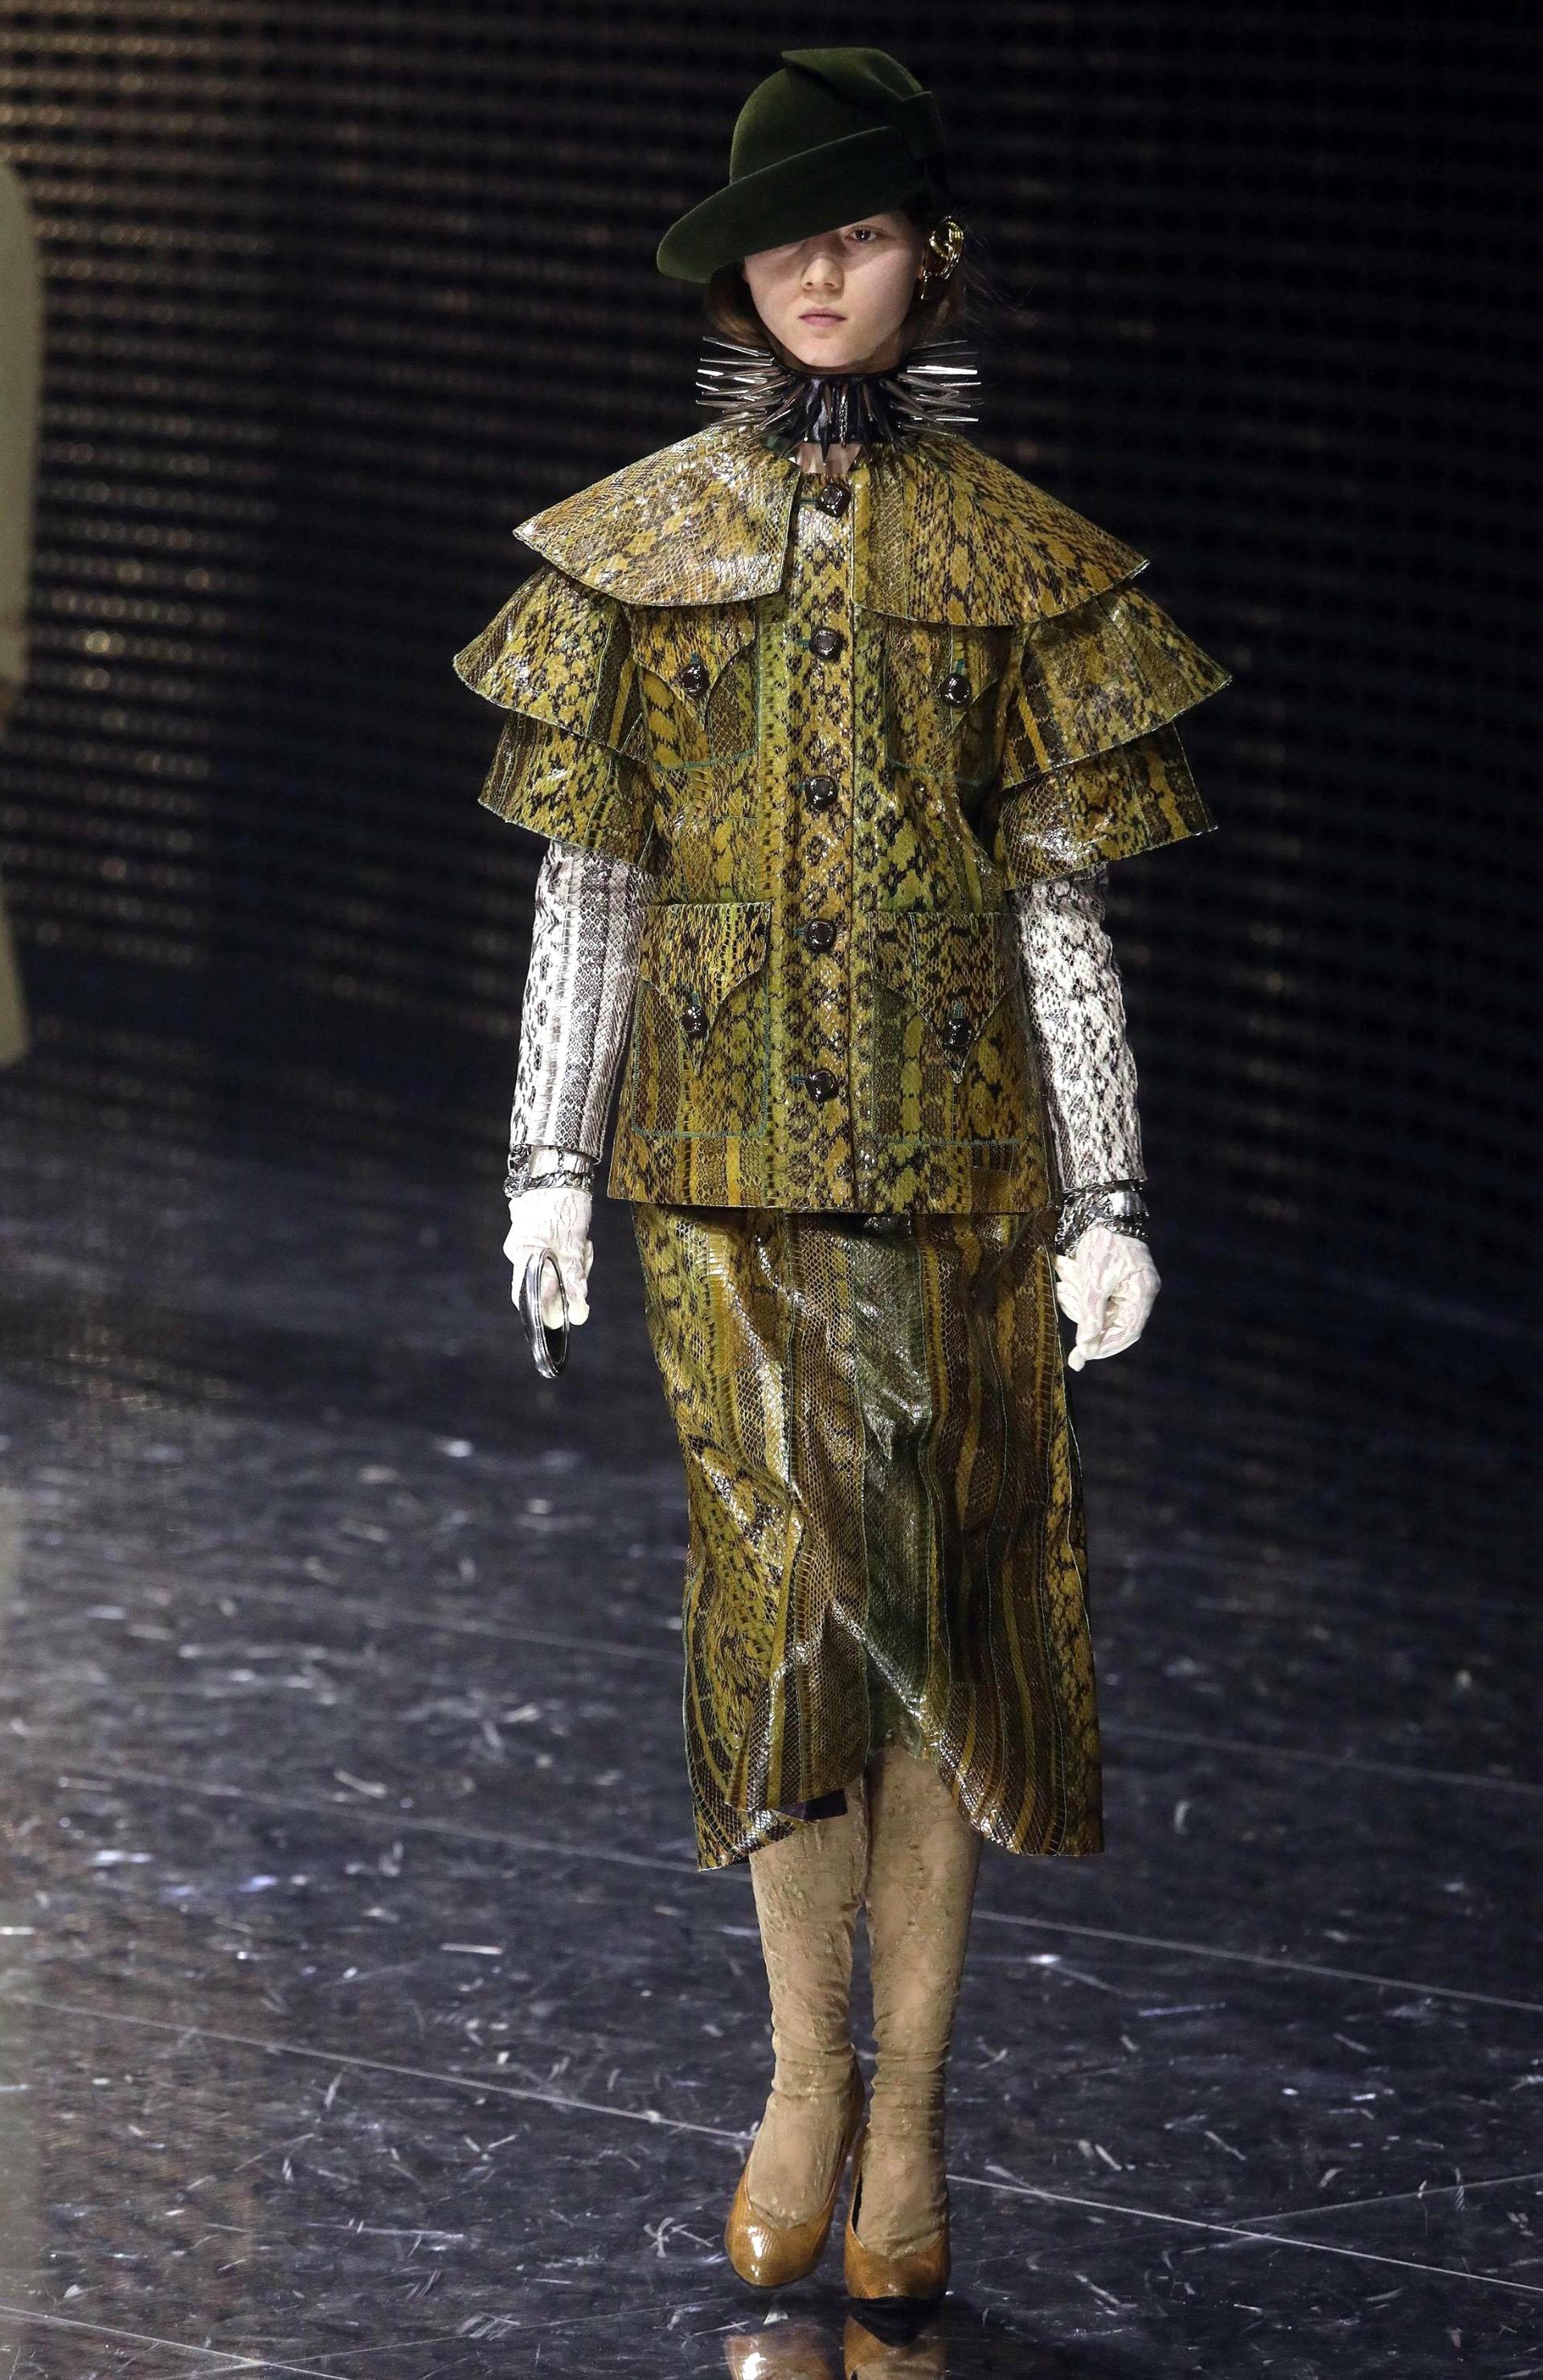 Total look de pitón. Un tailleur de saco con mangas en cascada y falda midi en color verde con mangas blancas y guantes blancos. Como accesorio, un choker de púas y sombrero de baby alpaca en color verde inglés